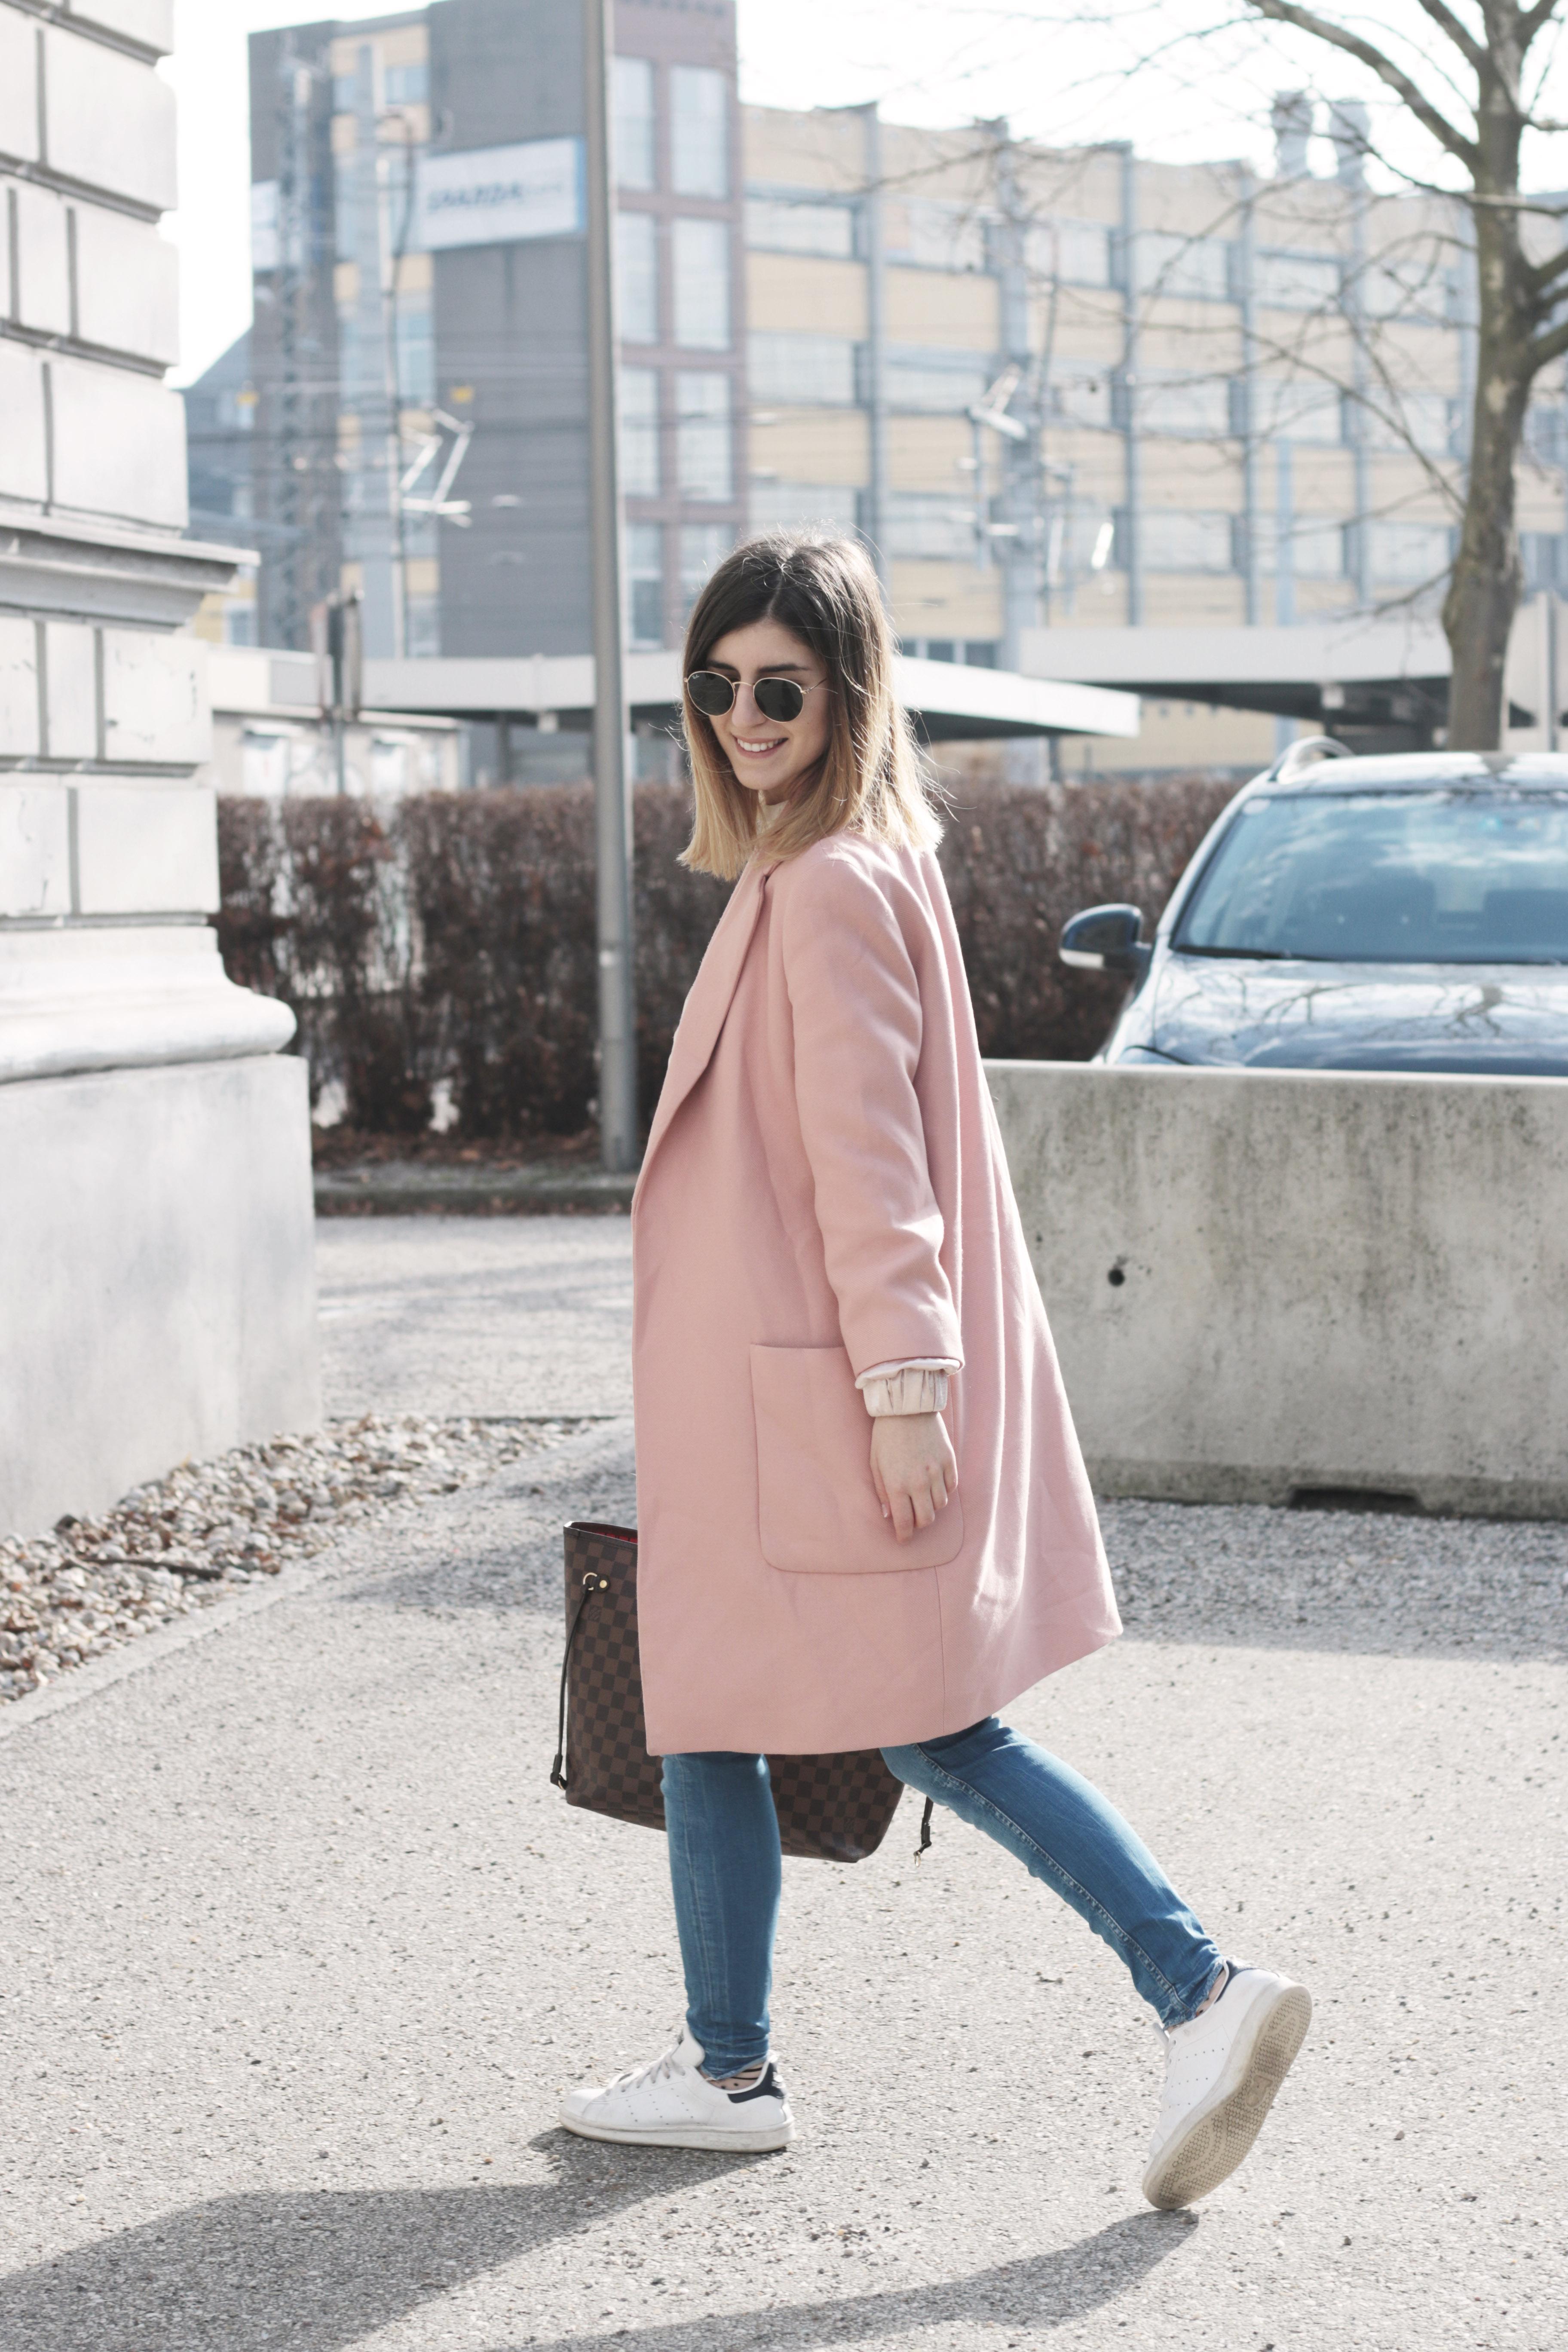 besser wie man kauft größte Auswahl von 2019 8 Views - Die Trendfarbe 2017 - Pink/Rosé